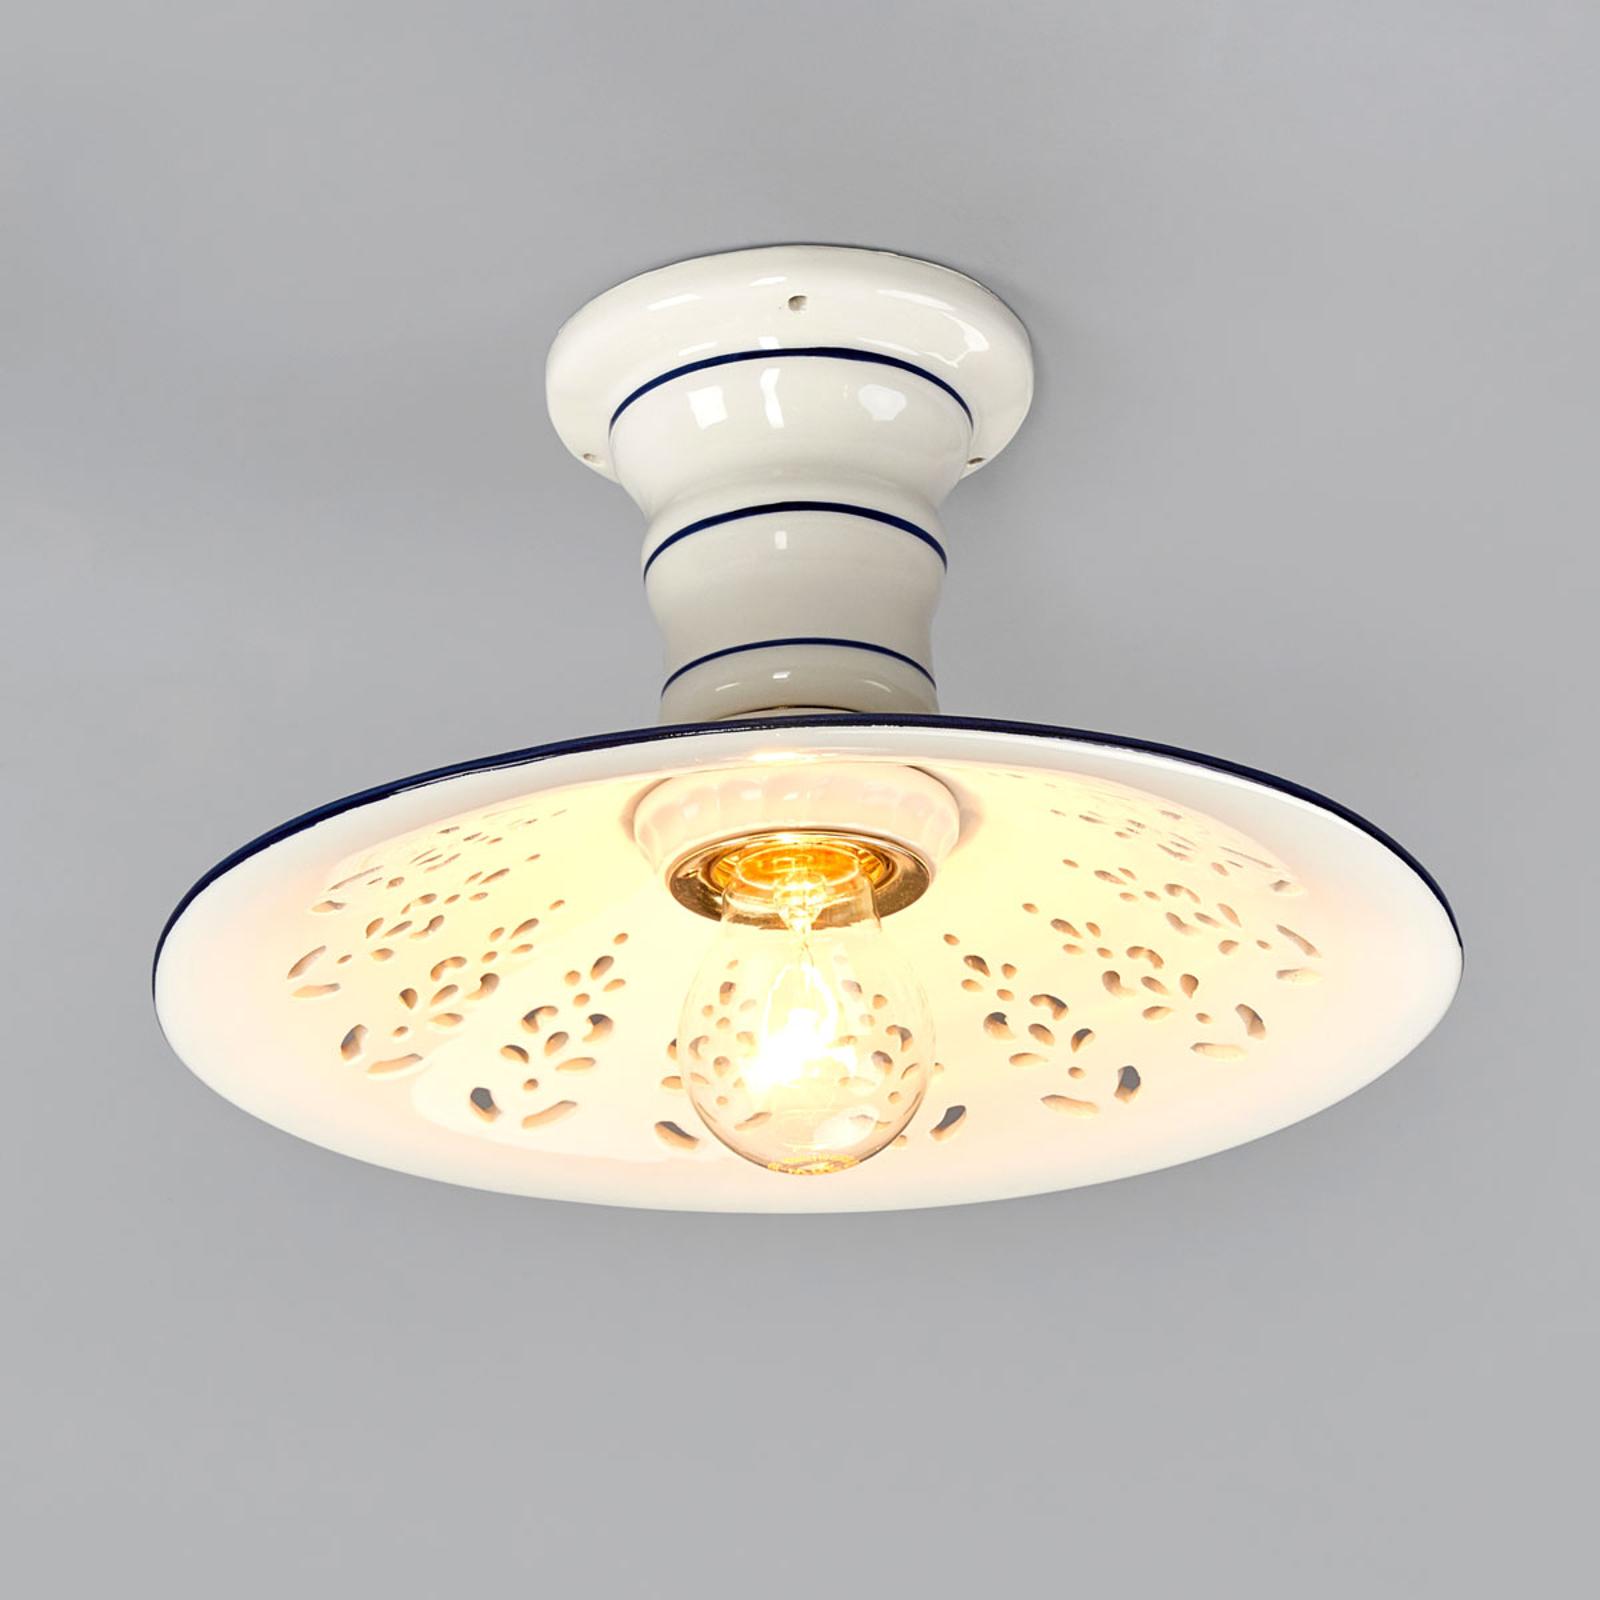 Charming AMENO ceiling light_2013019_1